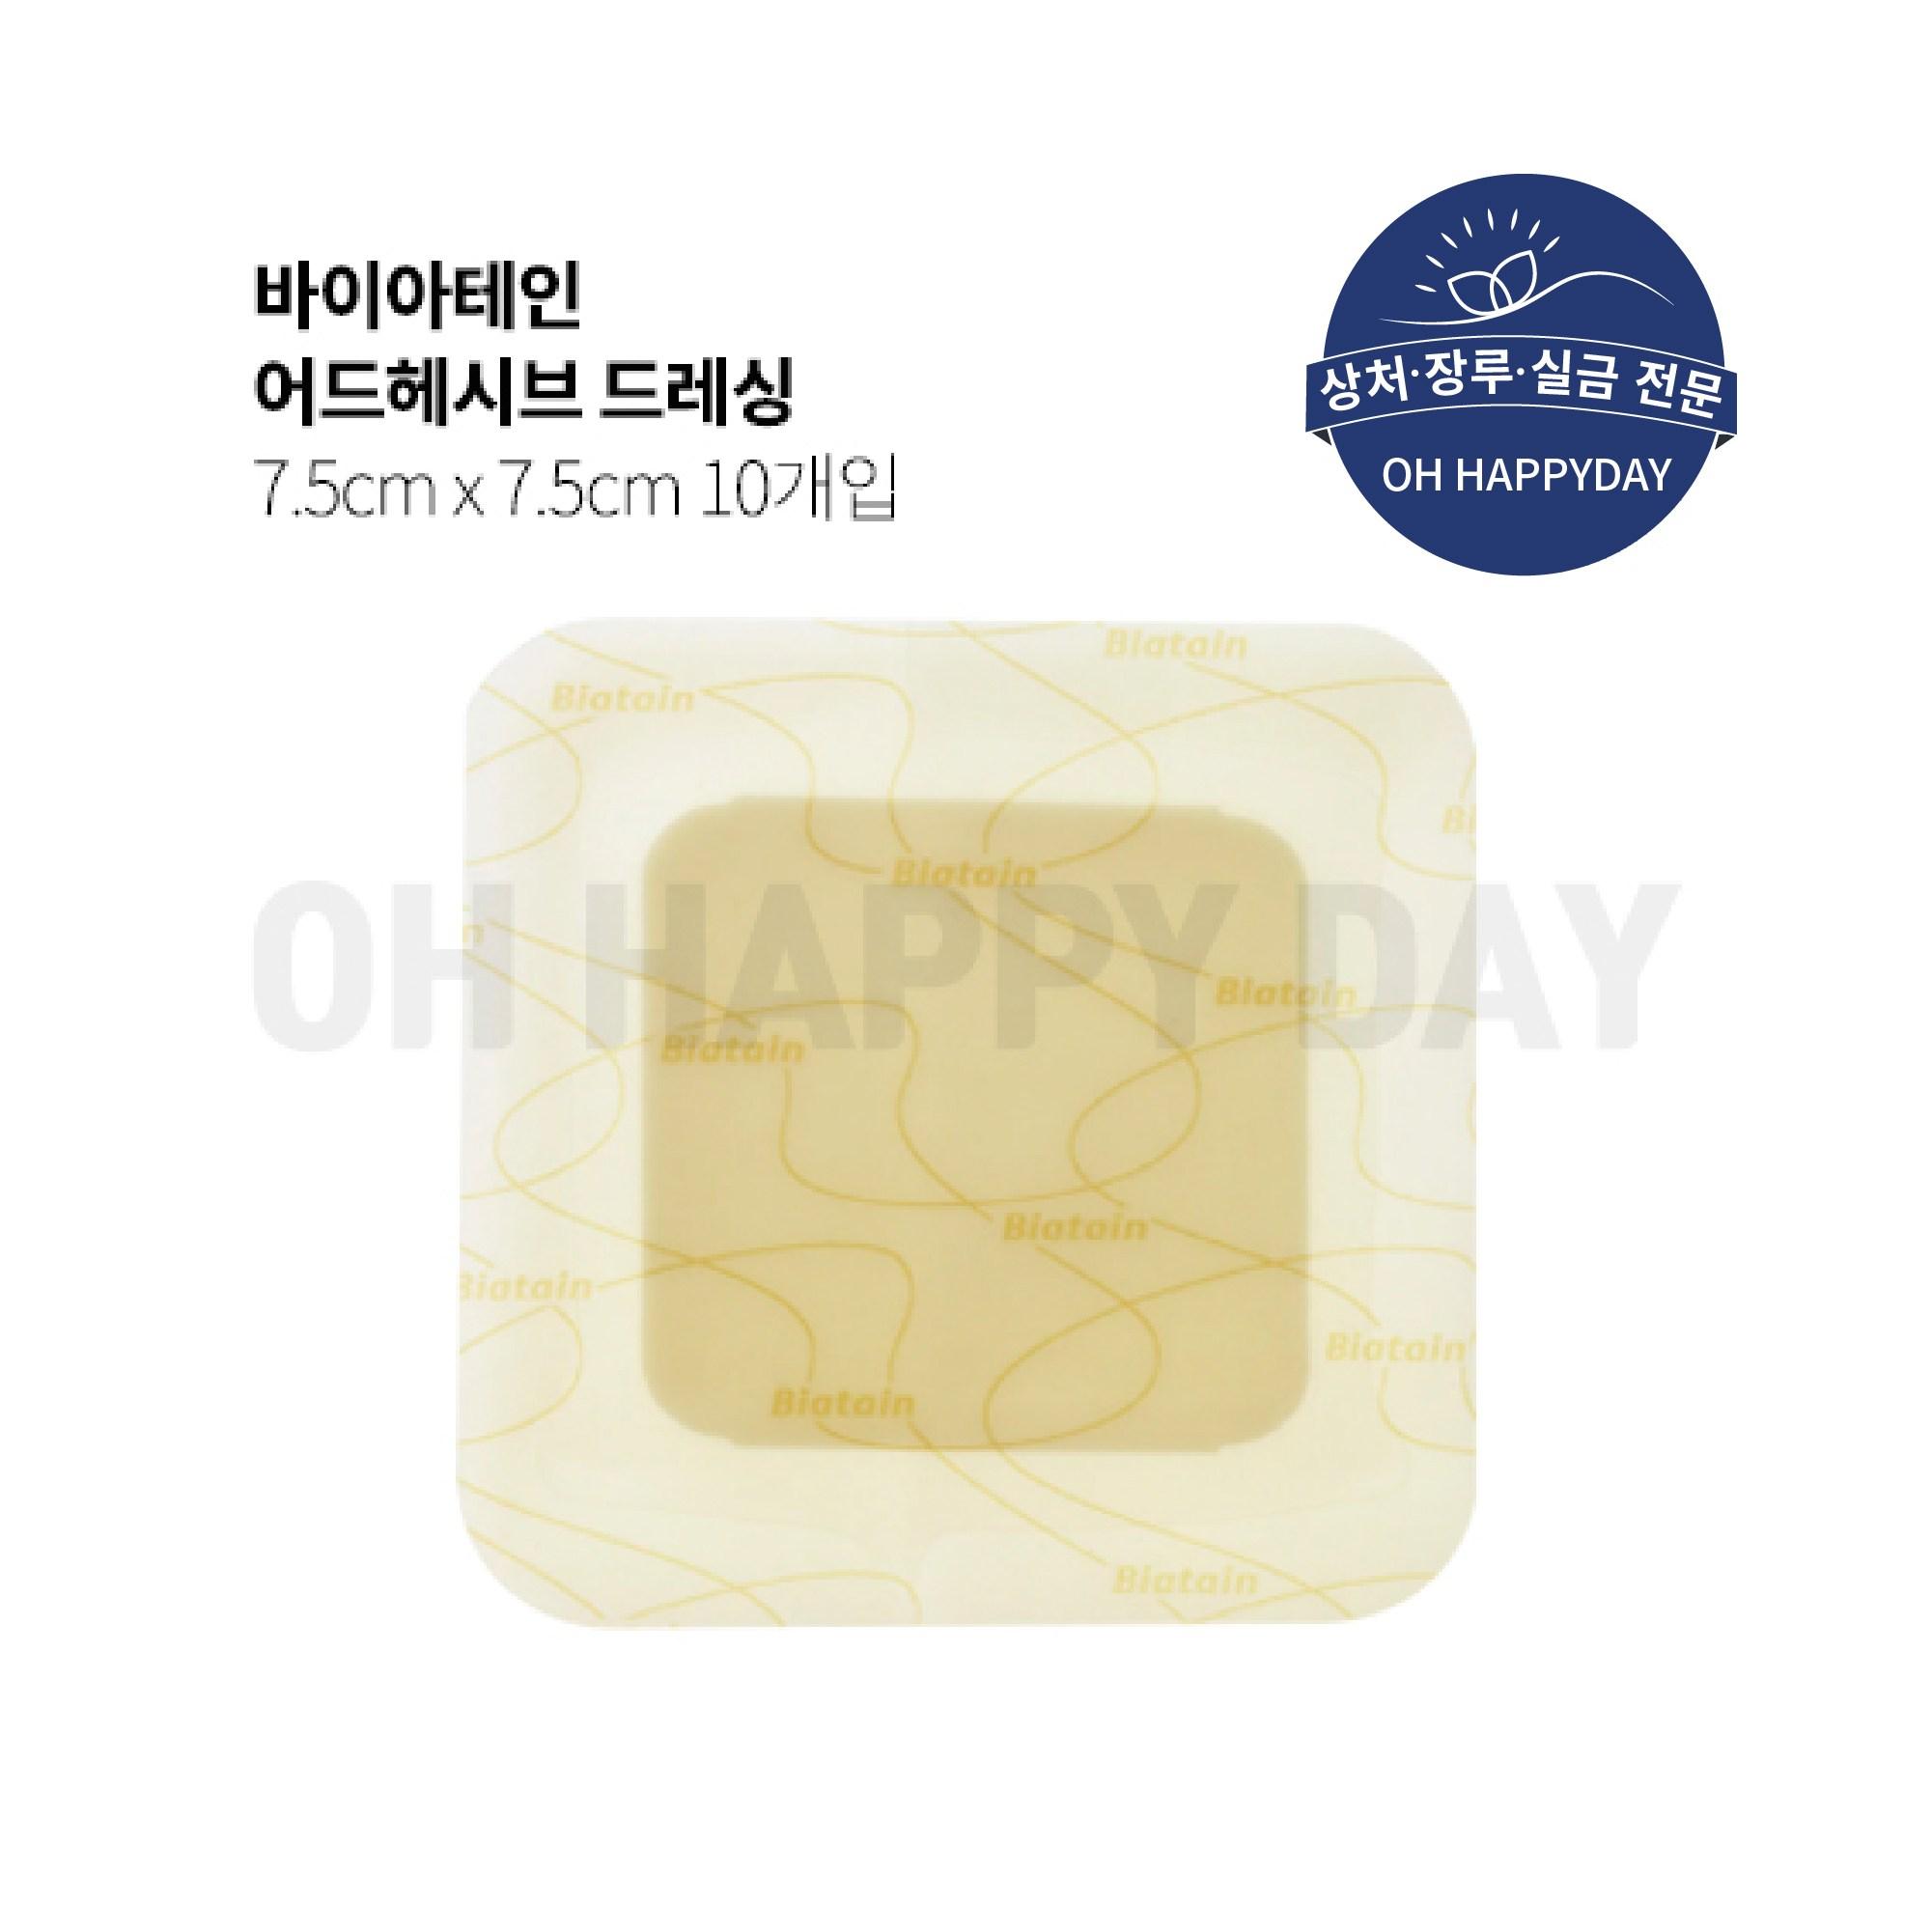 콜로플라스트 바이아테인 어드헤시브 접착력 드레싱 3462 7.5x7.5cm 10매 욕창드레싱 Biatain Adhesive (POP 5008334193)